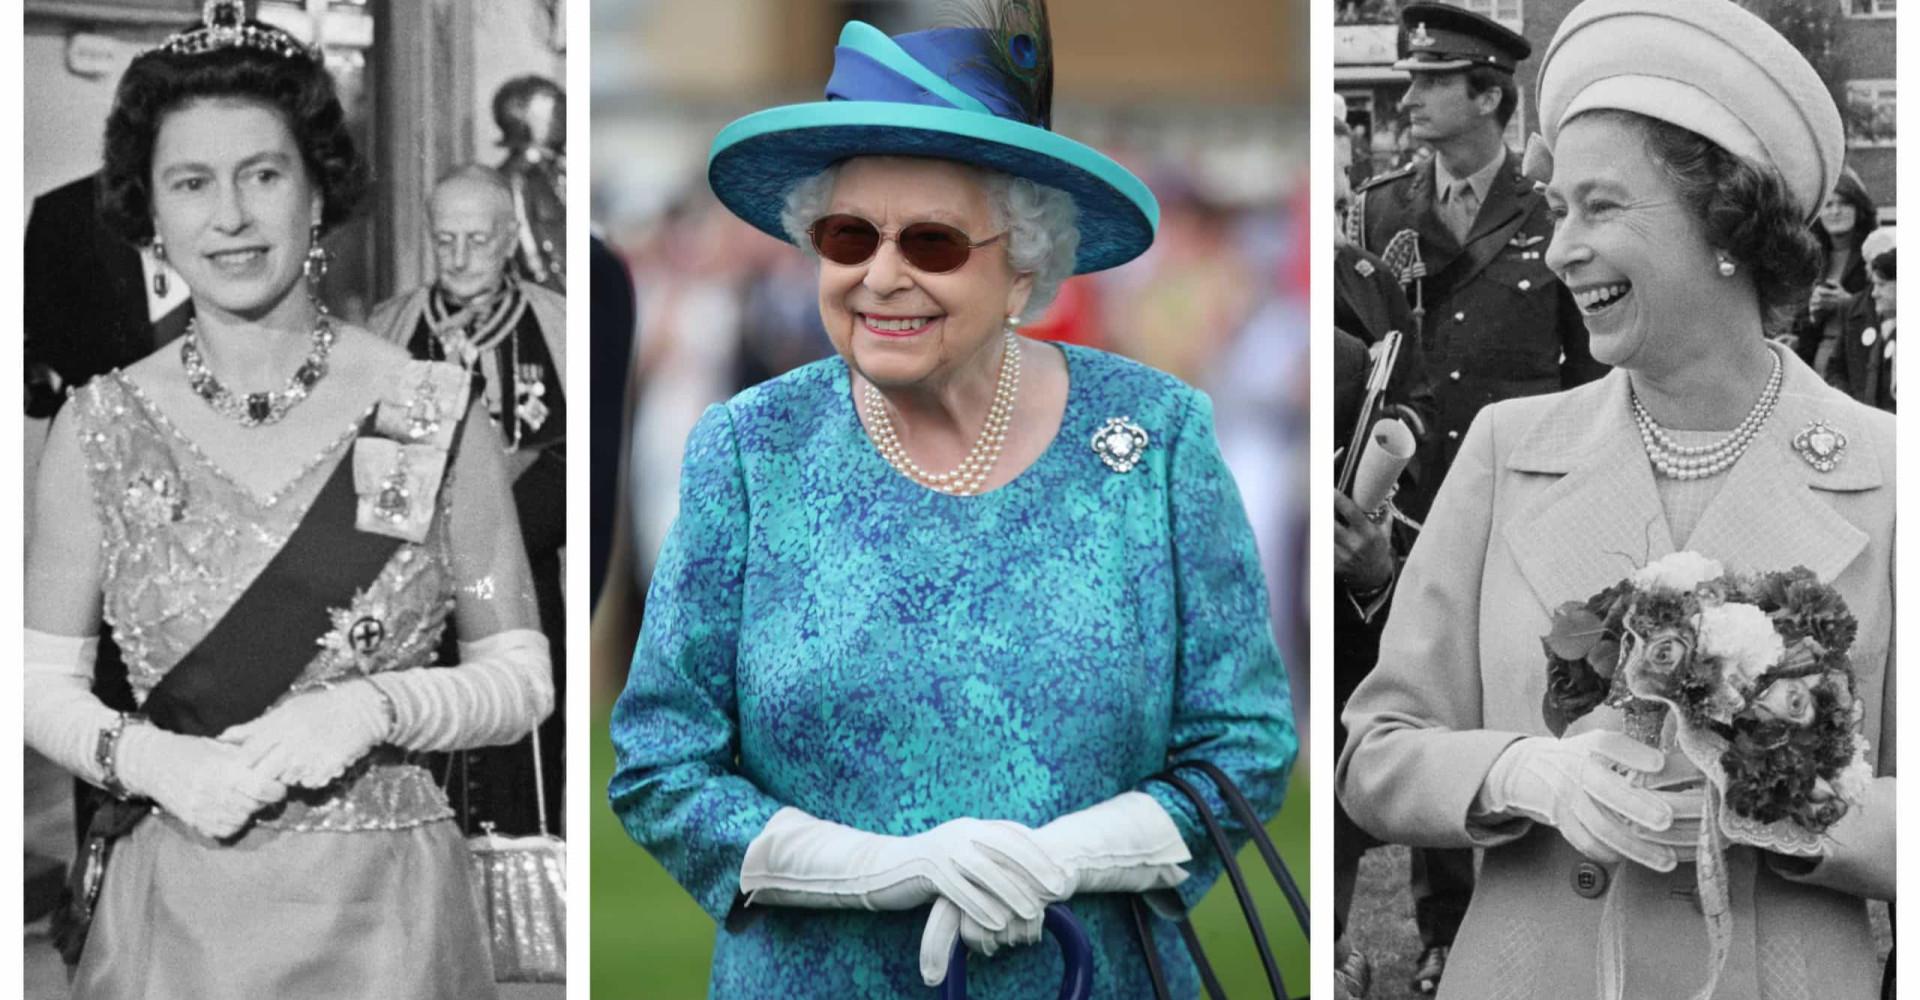 Sixty-five years of Queen Elizabeth II in photos